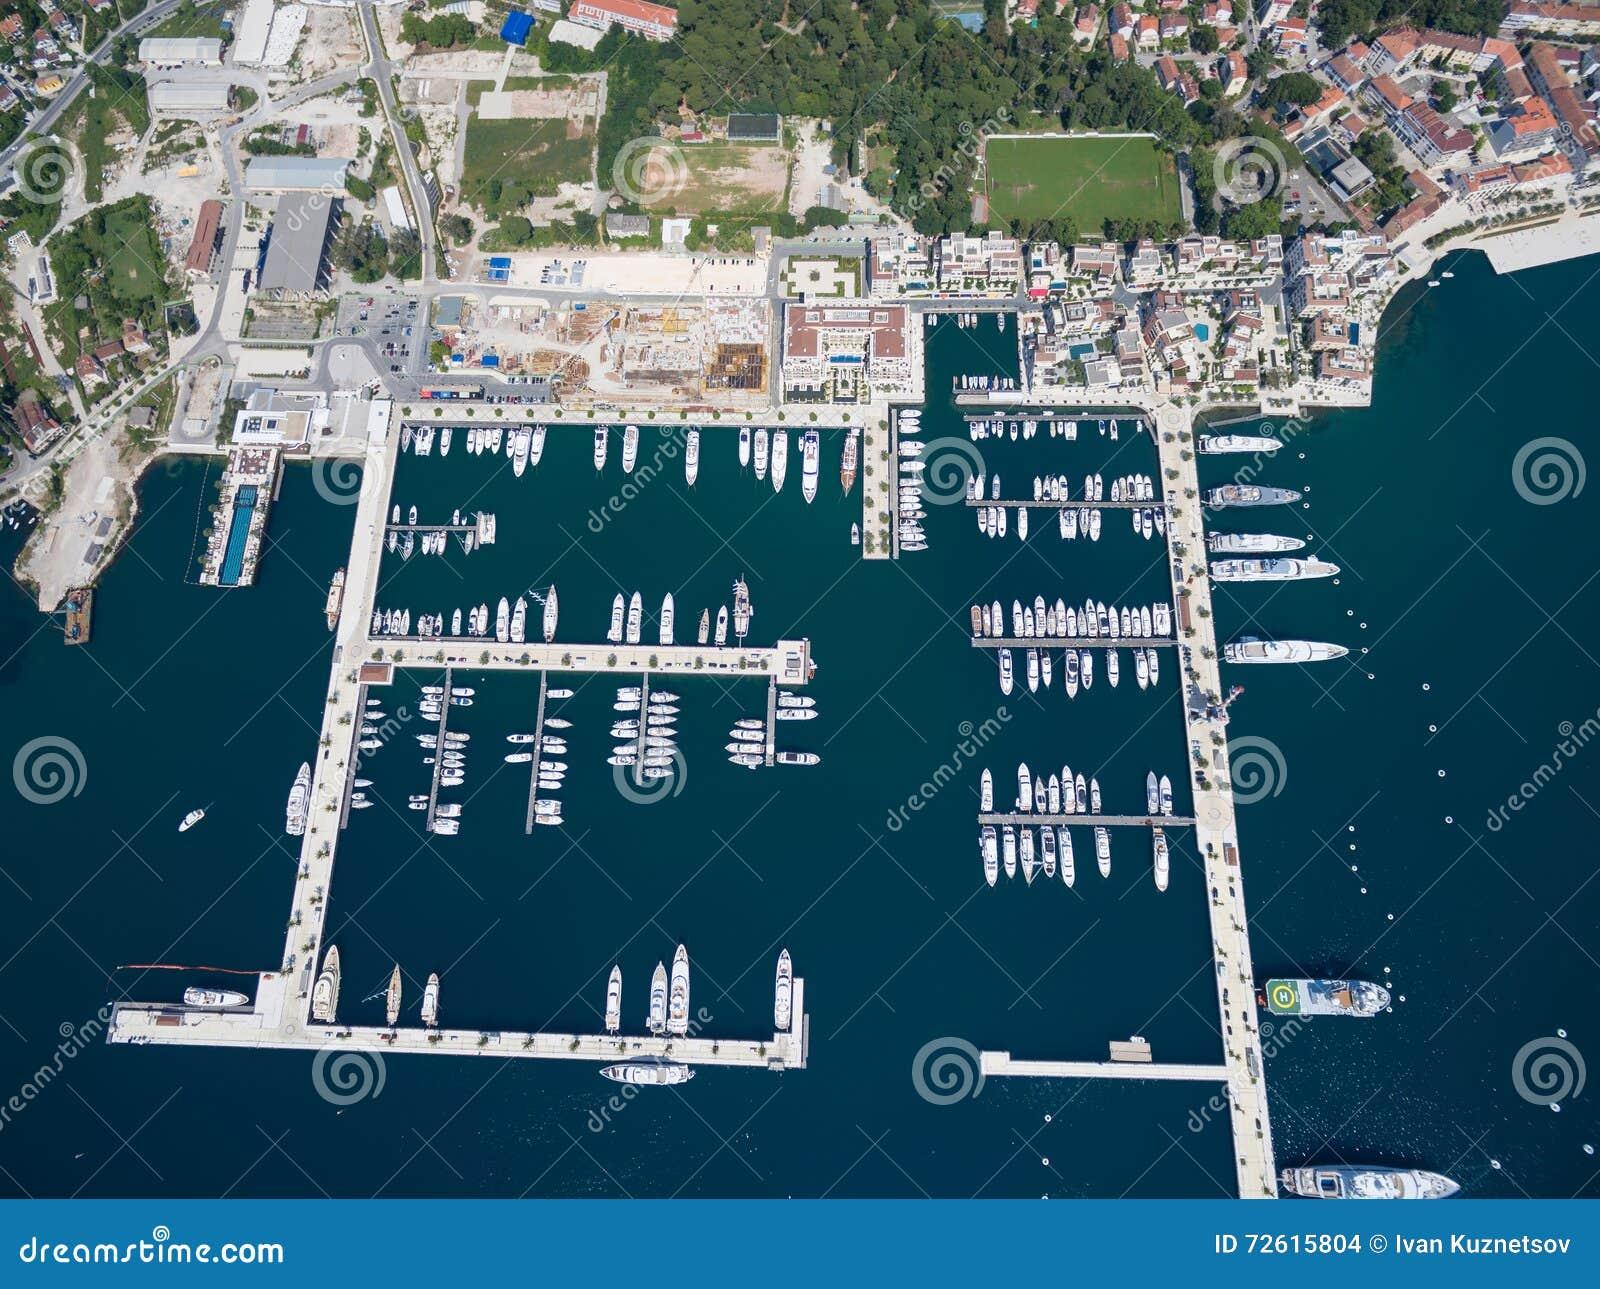 Porto Montenegro Karte.Aerial View Of Porto Montenegro Tivat City Stock Photo Image Of